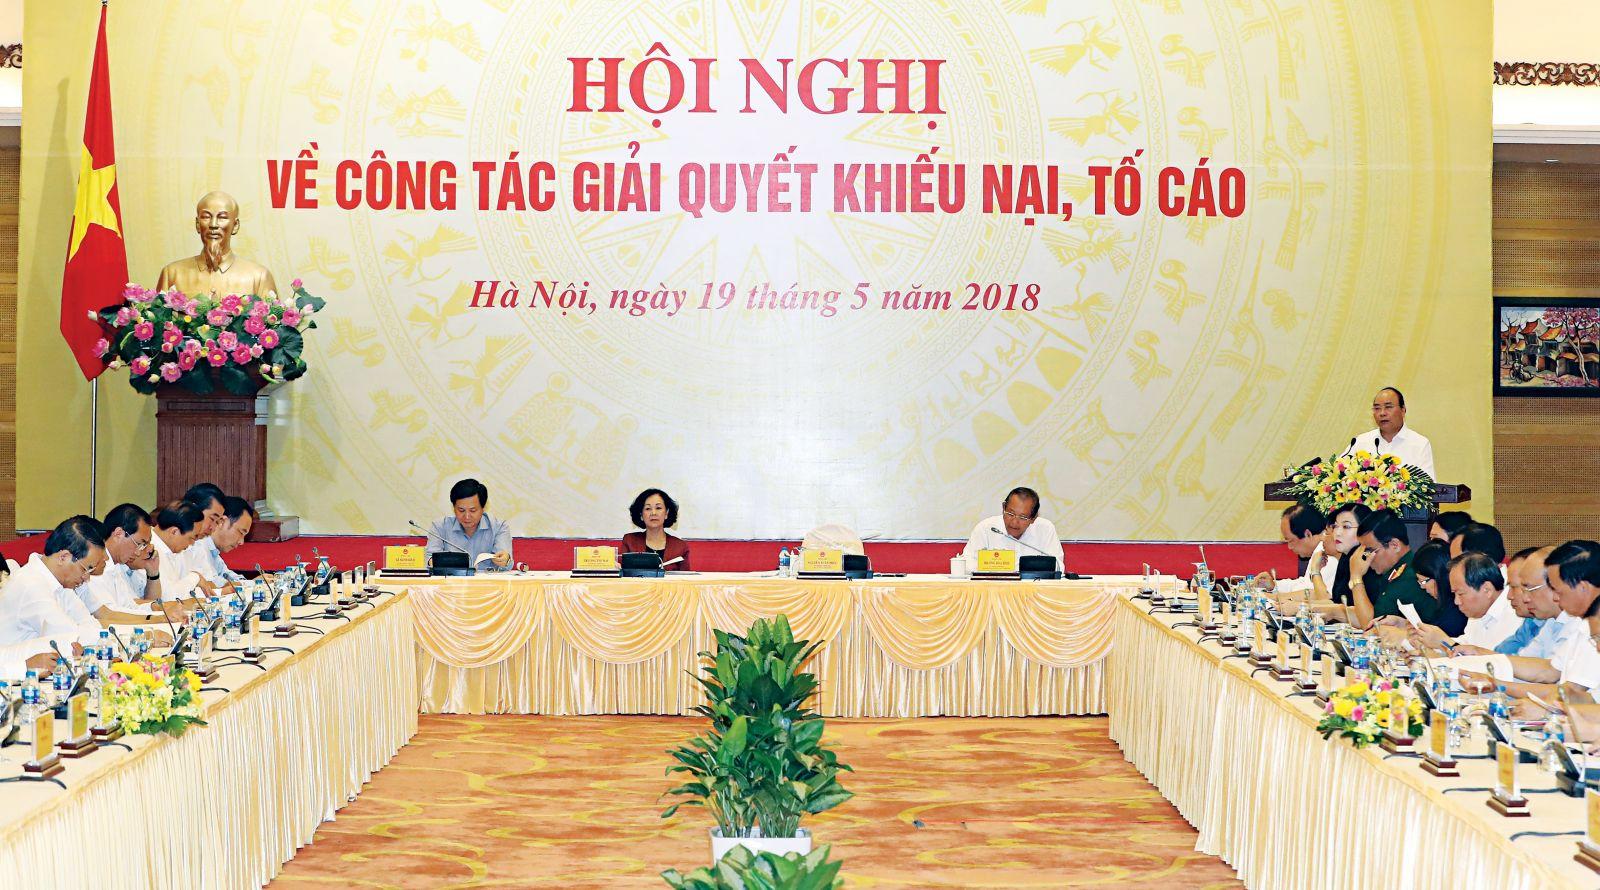 Thủ tướng Nguyễn Xuân Phúc phát biểu tại Hội nghị. Ảnh: Thống Nhất - TTXVN